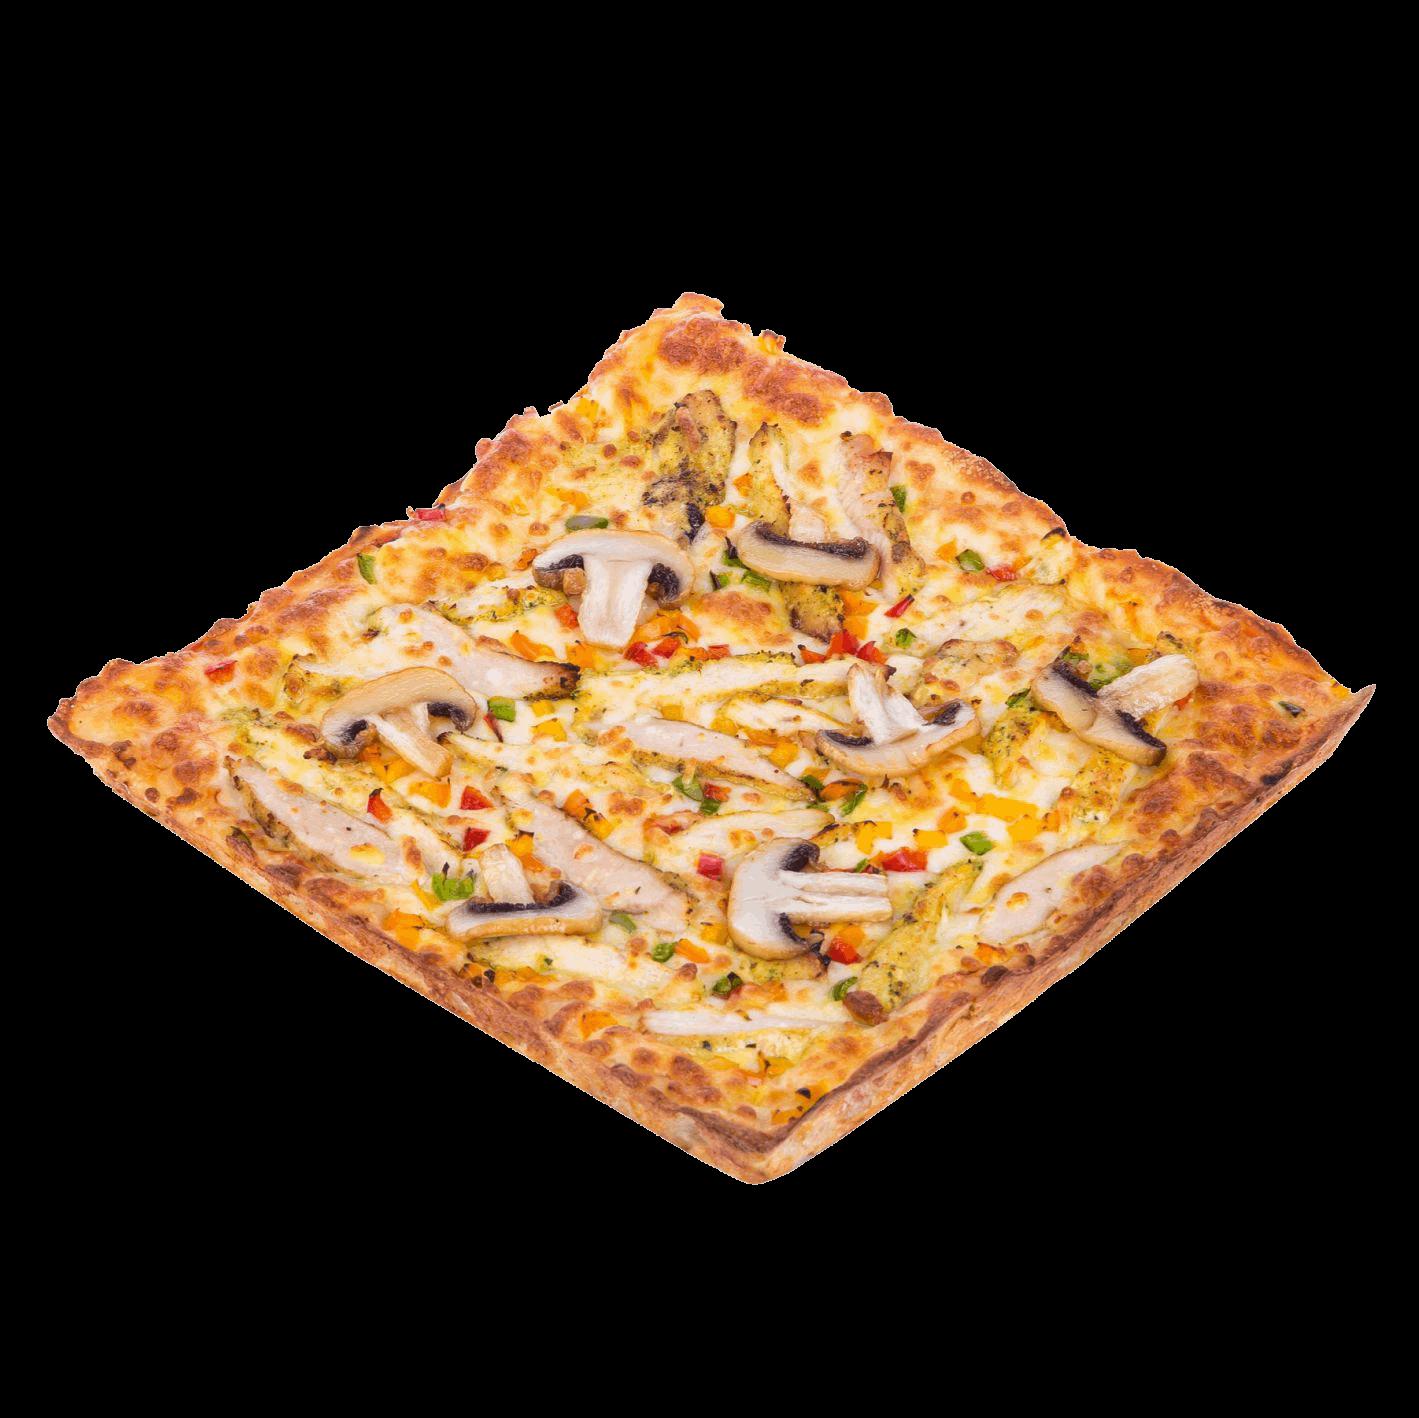 چیکن پیتزا رستوران های بین المللی عطاویچ